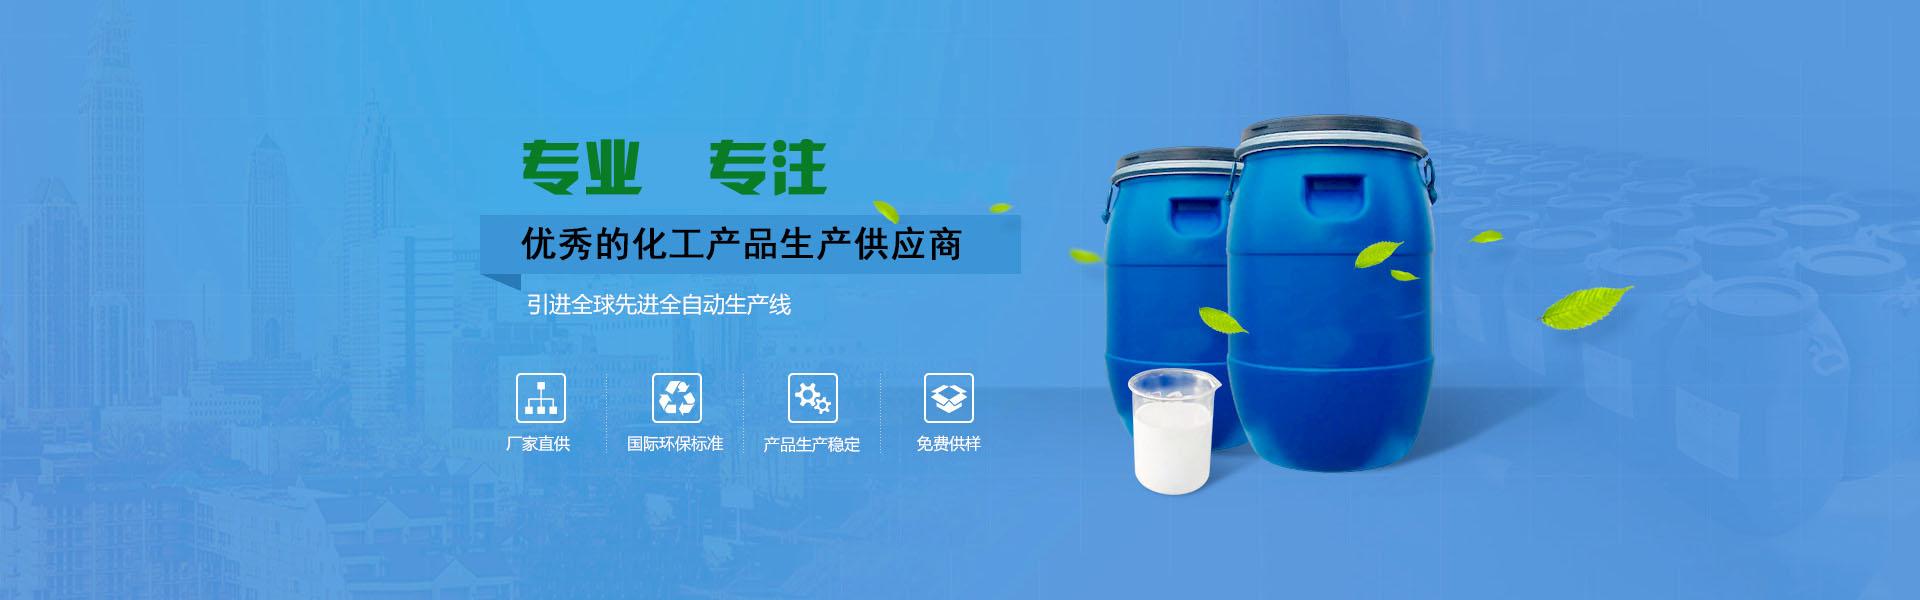 水性润湿剂